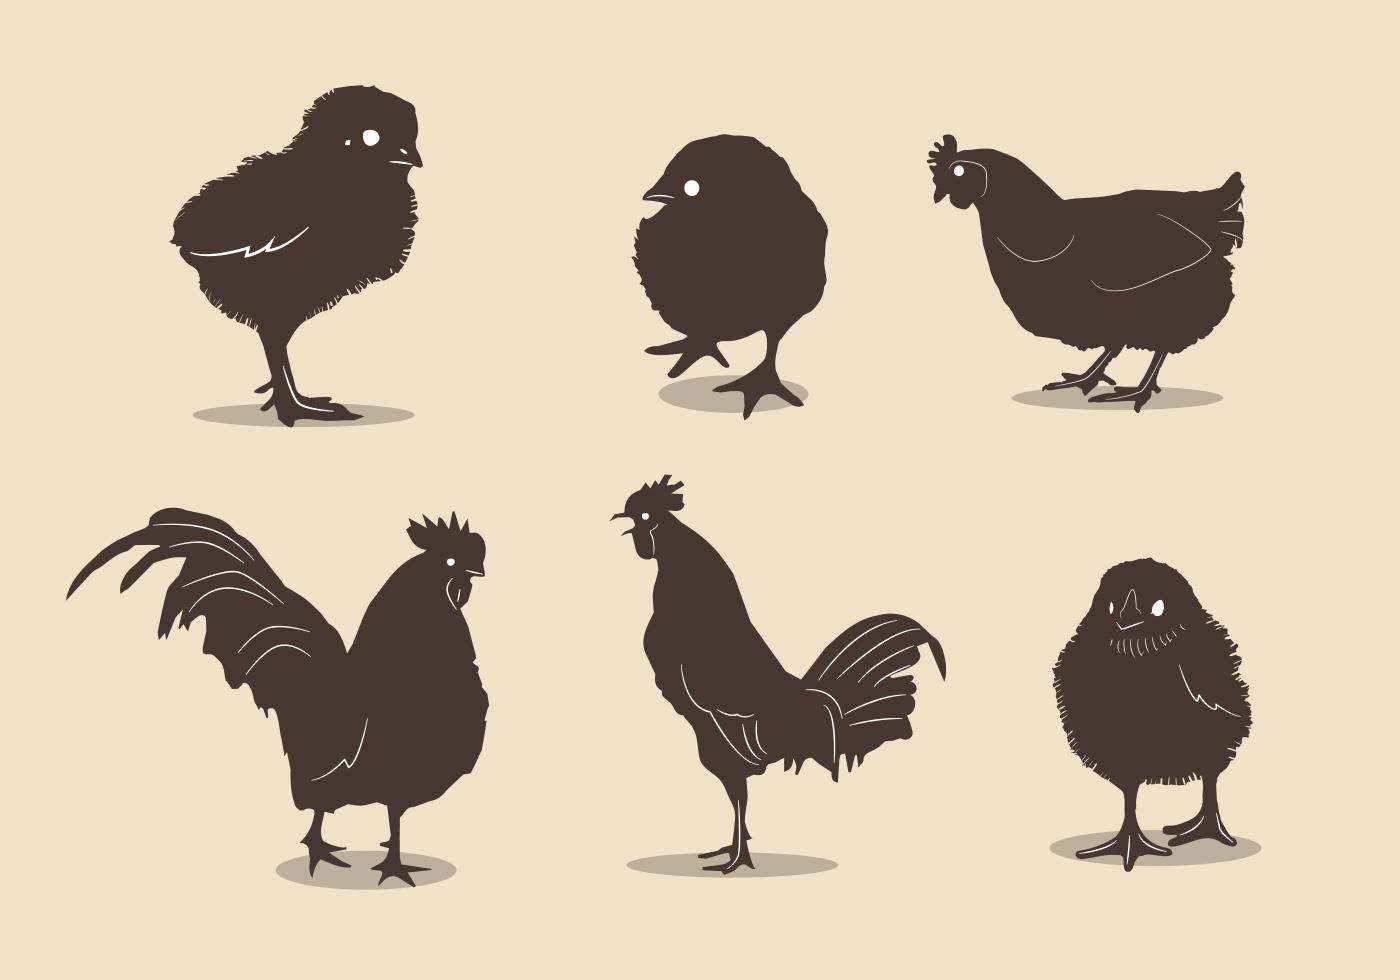 Chicken silhouette vectors - Download Free Vector Art ... (1400 x 980 Pixel)